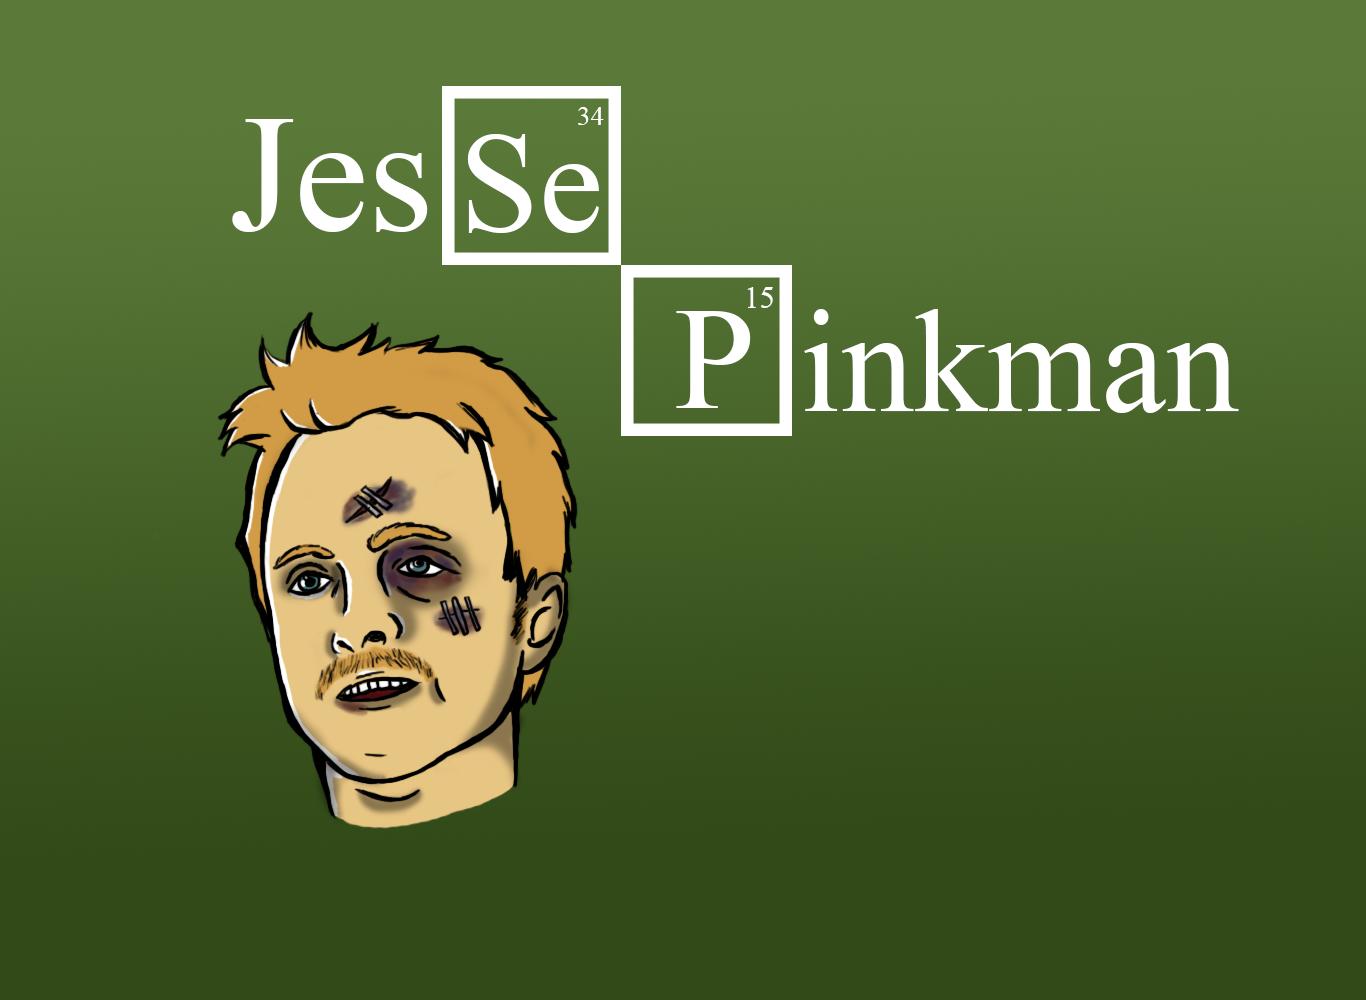 Jesse Pinkman